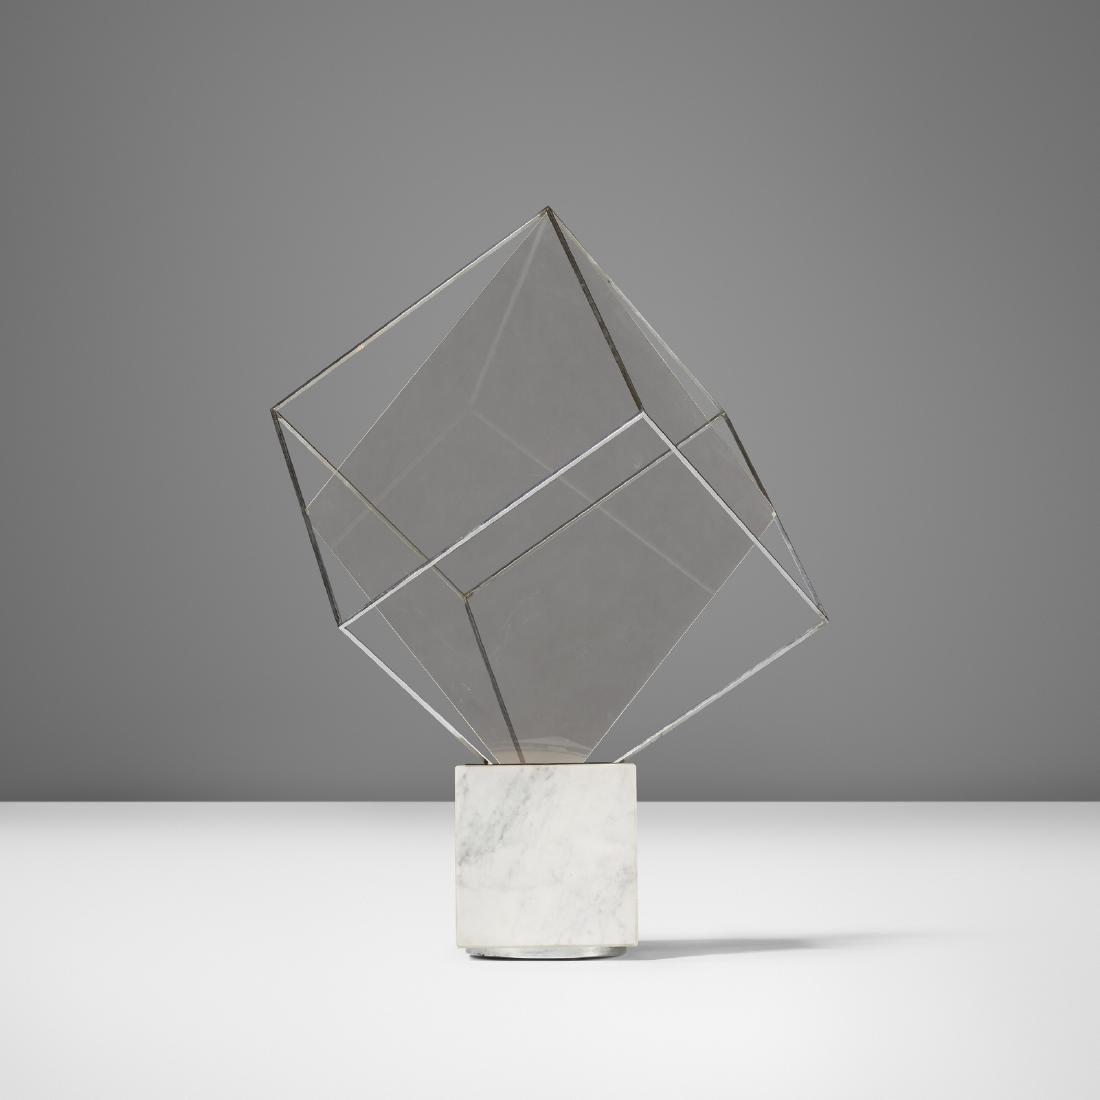 Claudio Salocchi, Tulpa lamp